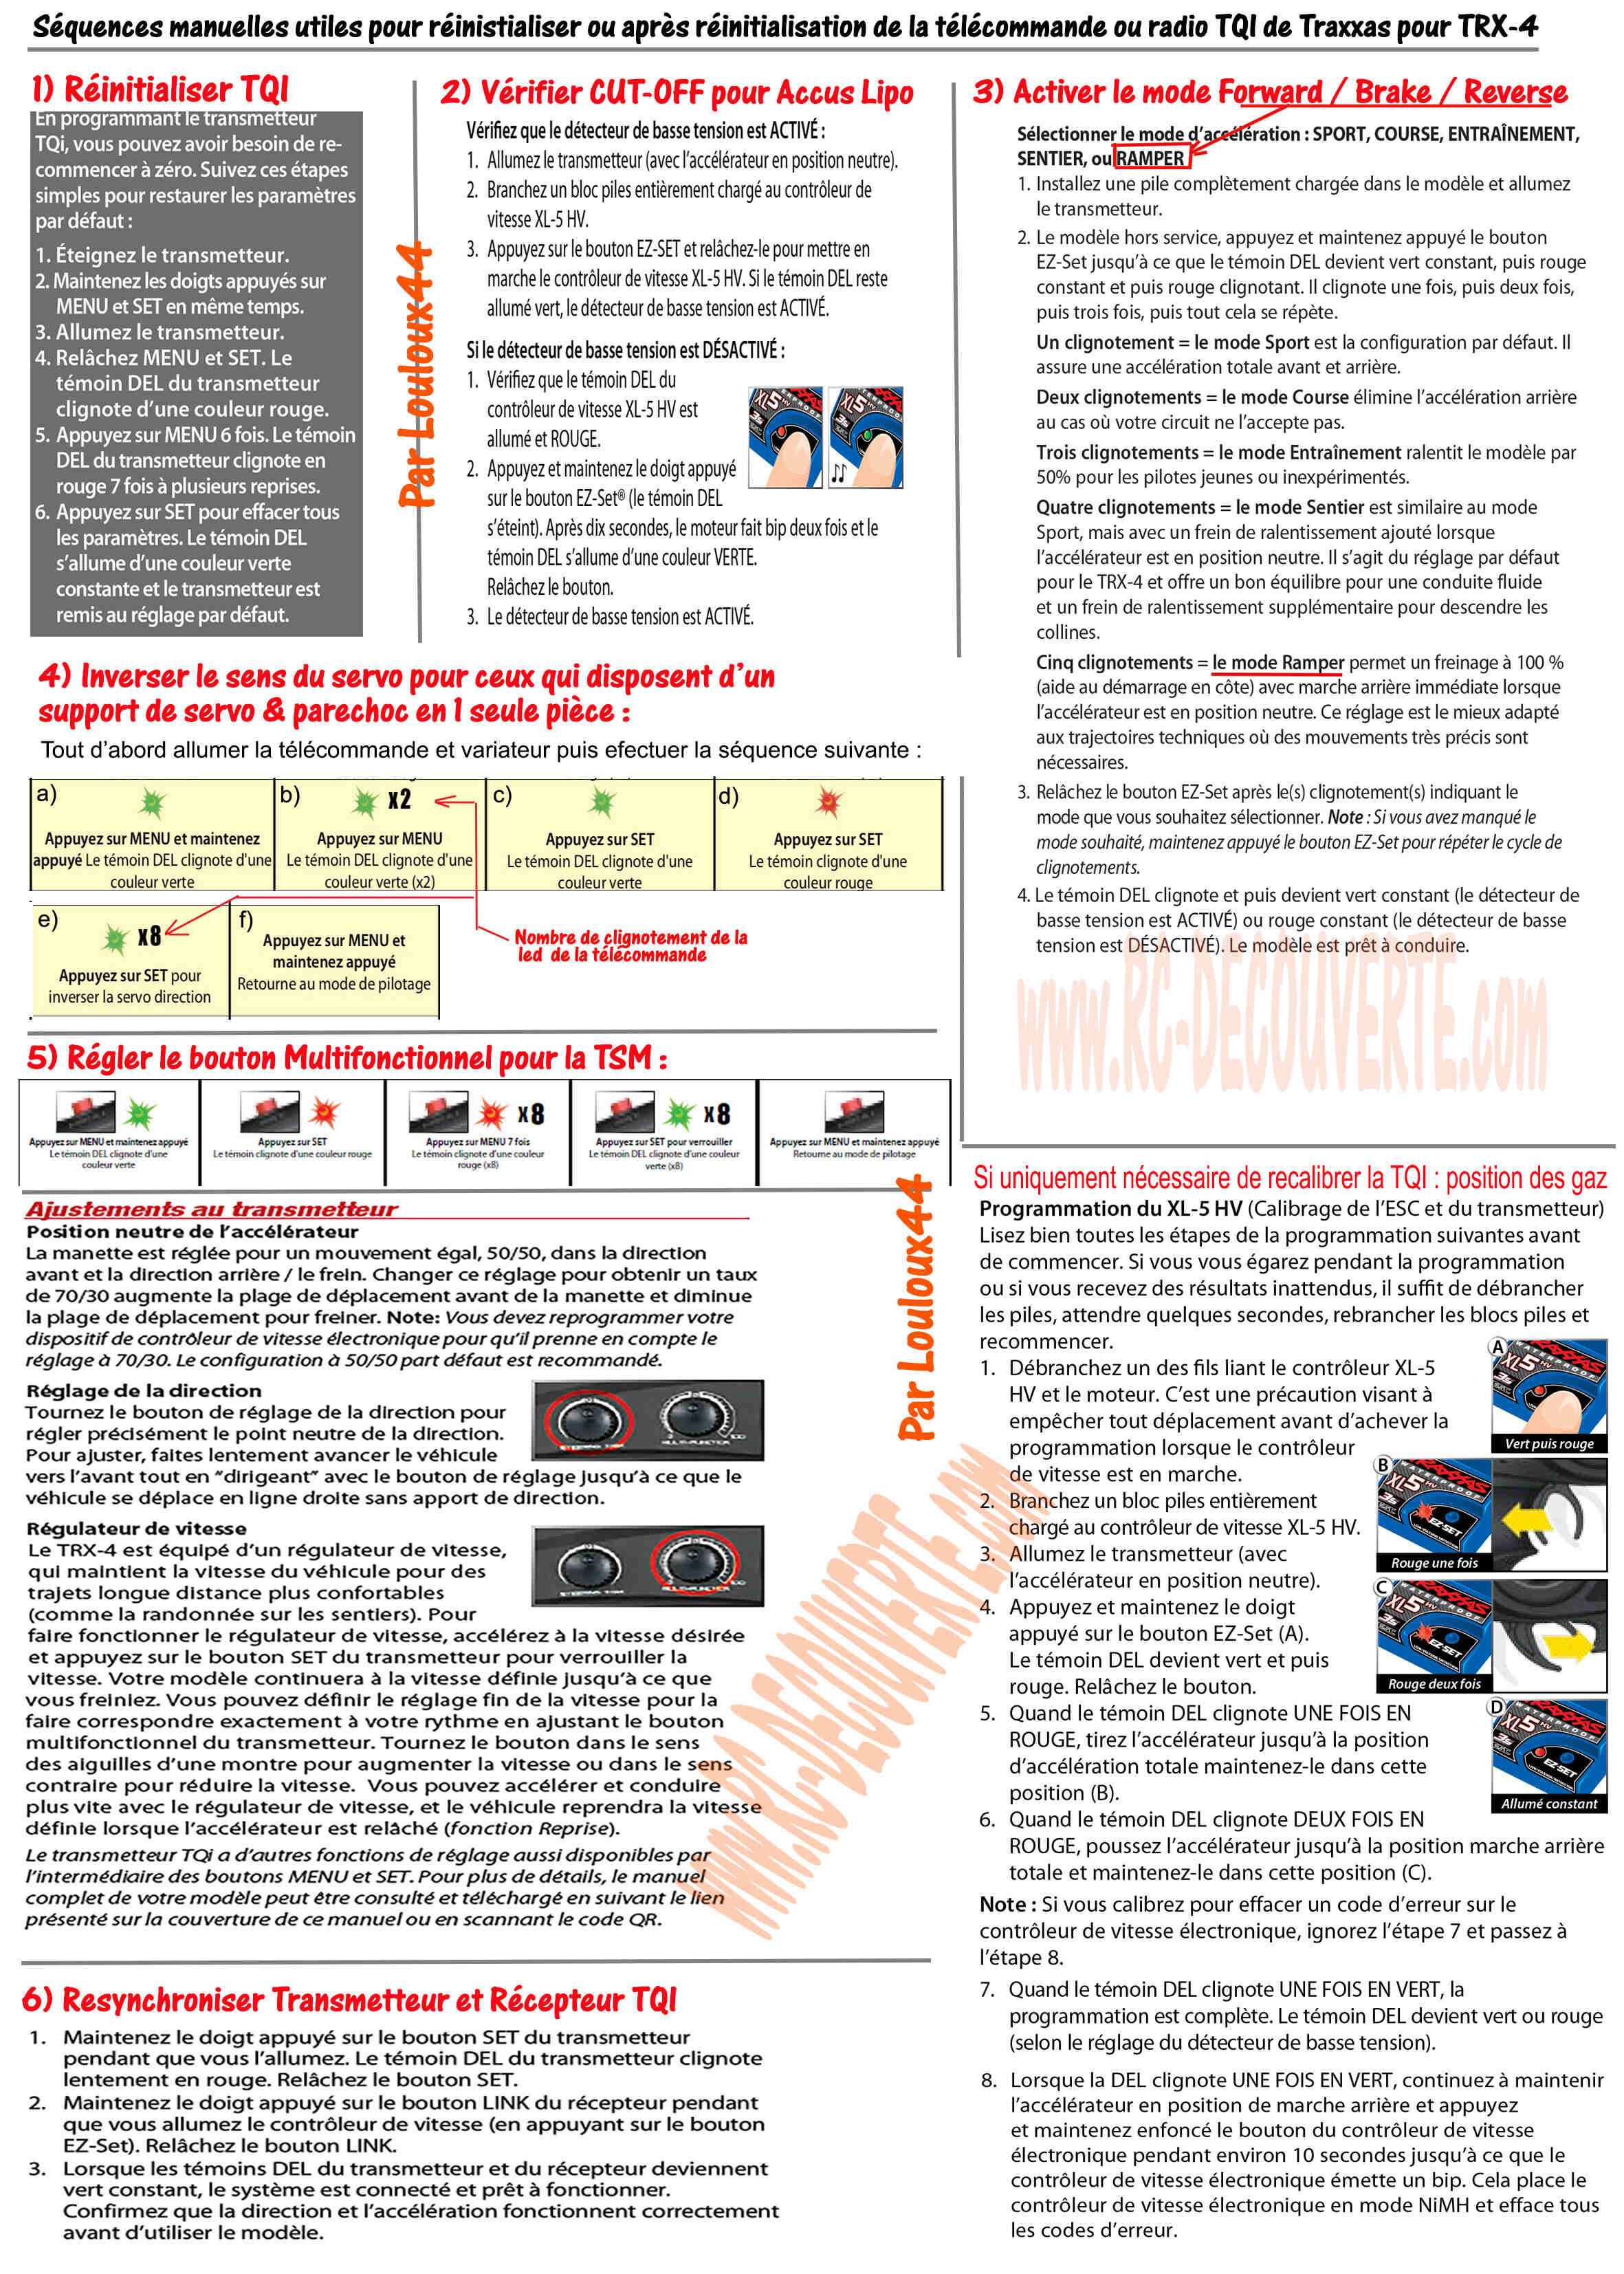 Comment réinitialiser ou faire un reset de la télécommande TQI du TRX-4 et réactiver les fonctions de base manuellement sans traxxas LINK ? - Page 2 Sequen17